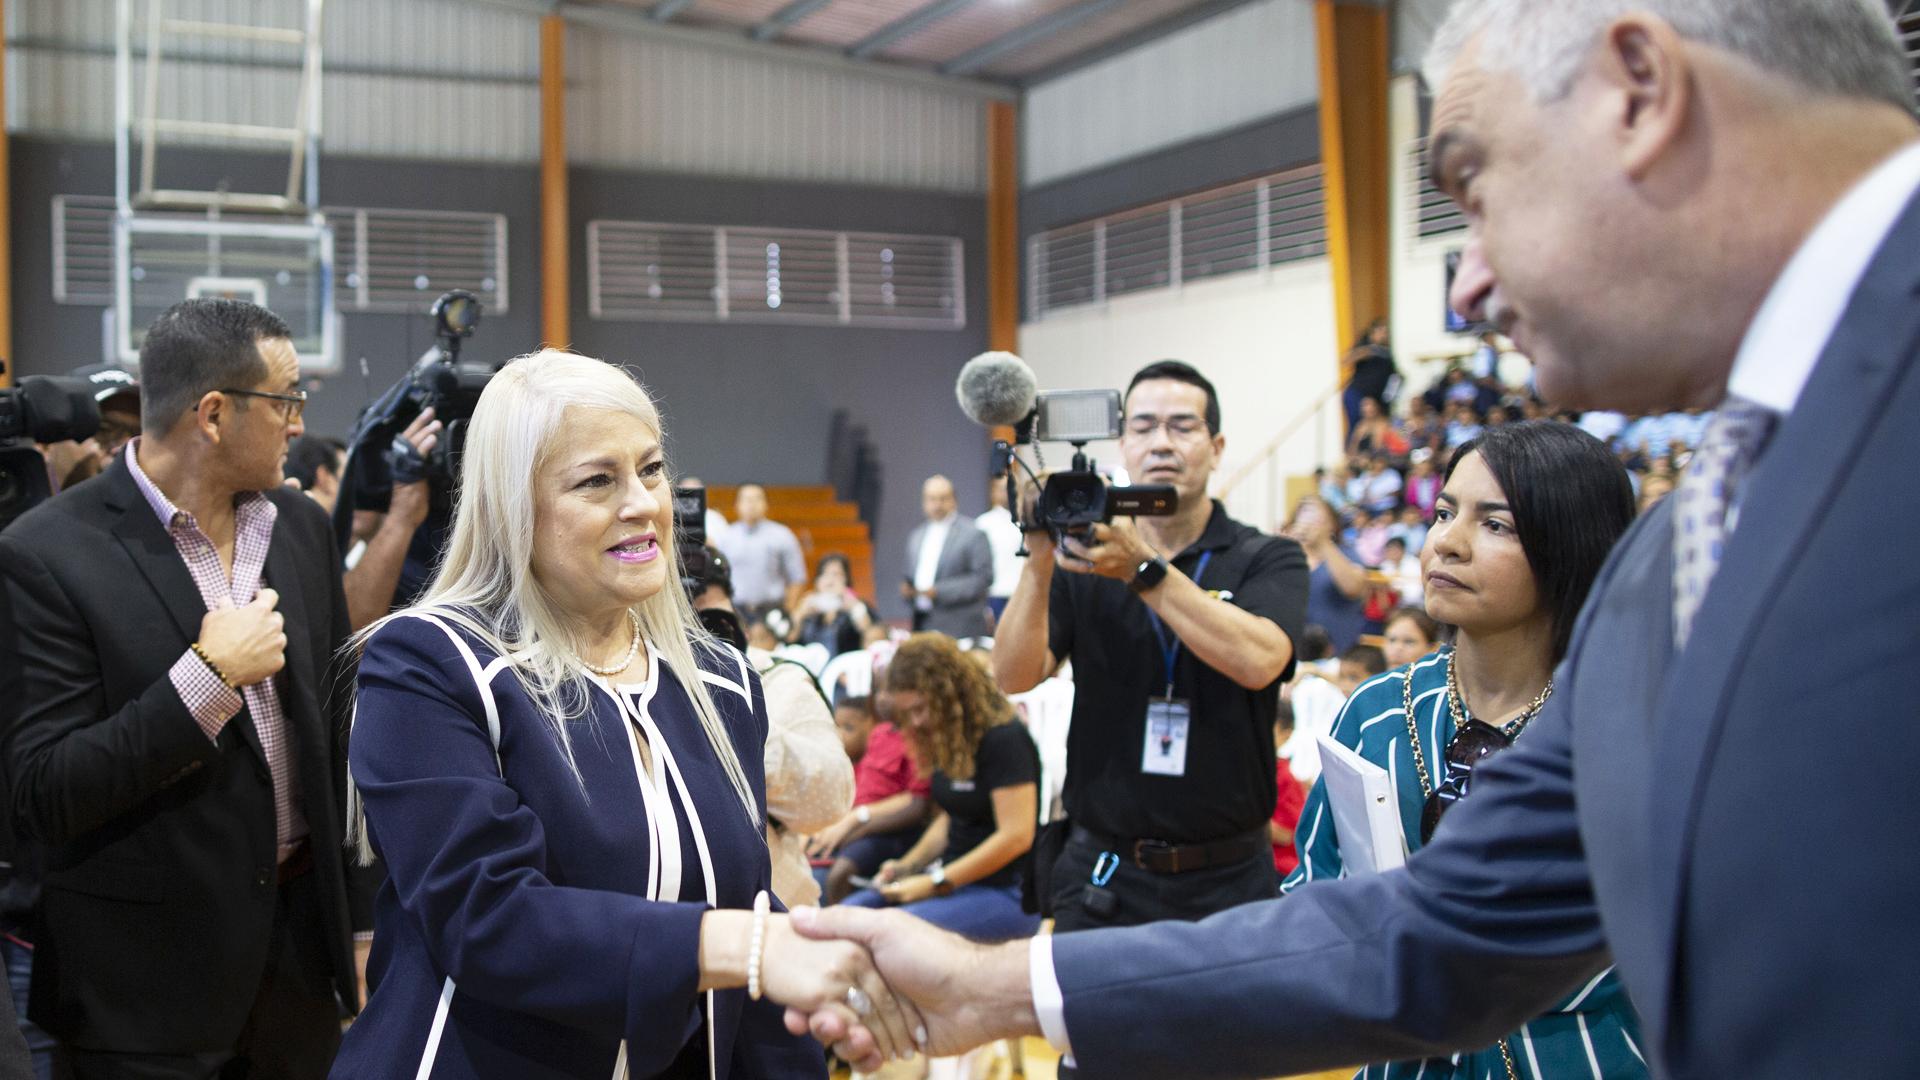 ¿Cómo fue el encuentro de Wanda Vázquez y Rivera Schatz? Mira el momento